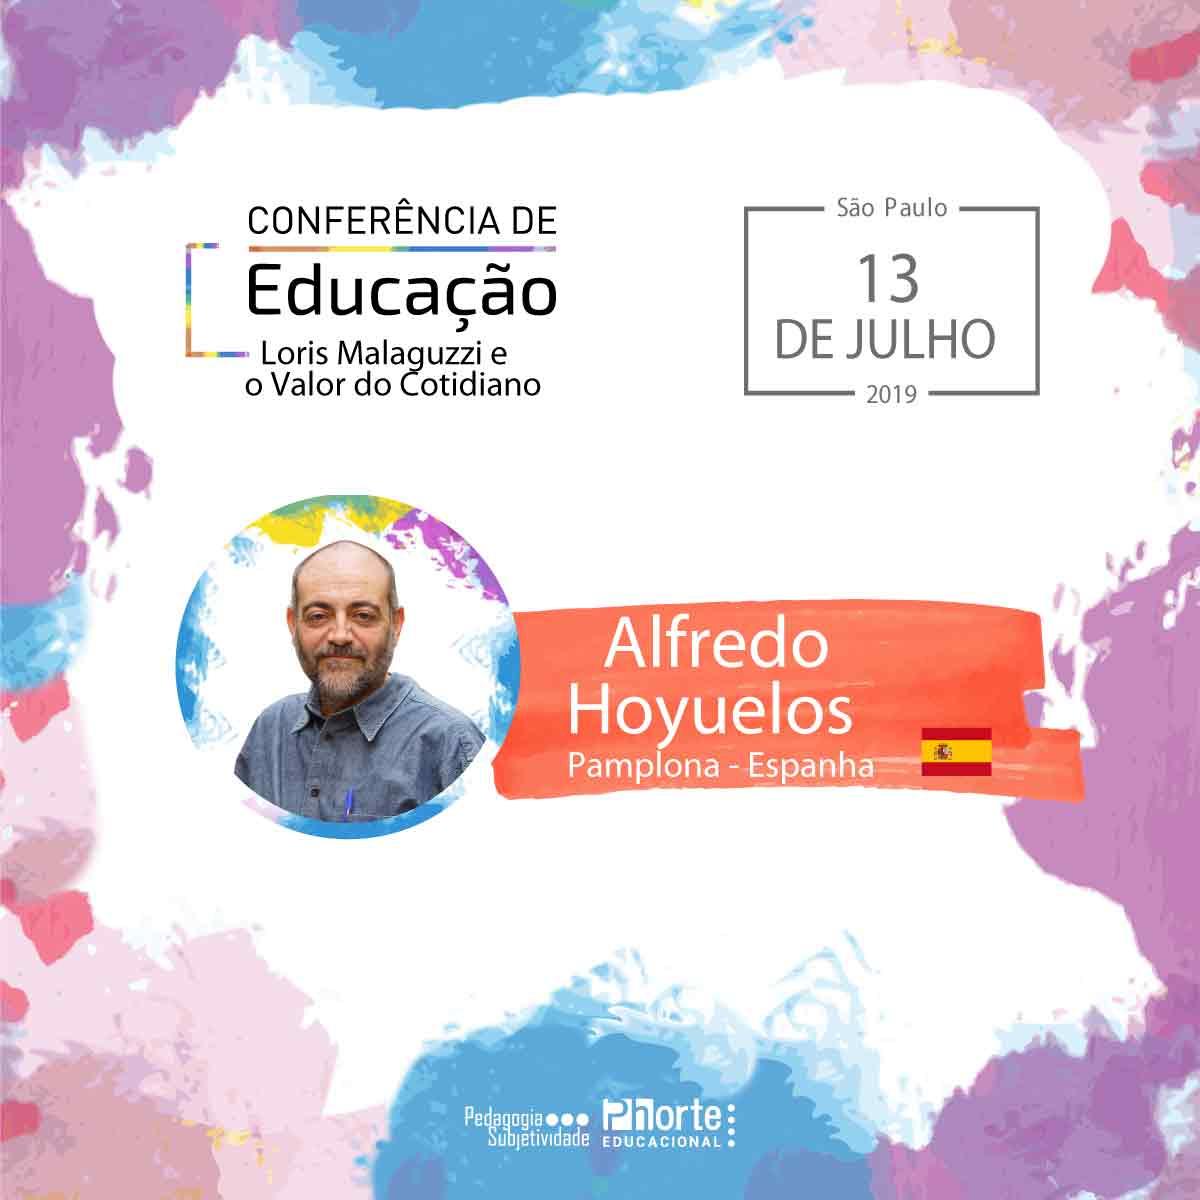 Conferência de Educação - Loris Malaguzzi e o Valor do Cotidiano + o livro do autor Alfredo Hoyuelos  - Cursos distância e aulas online Instituto Phorte Educação.